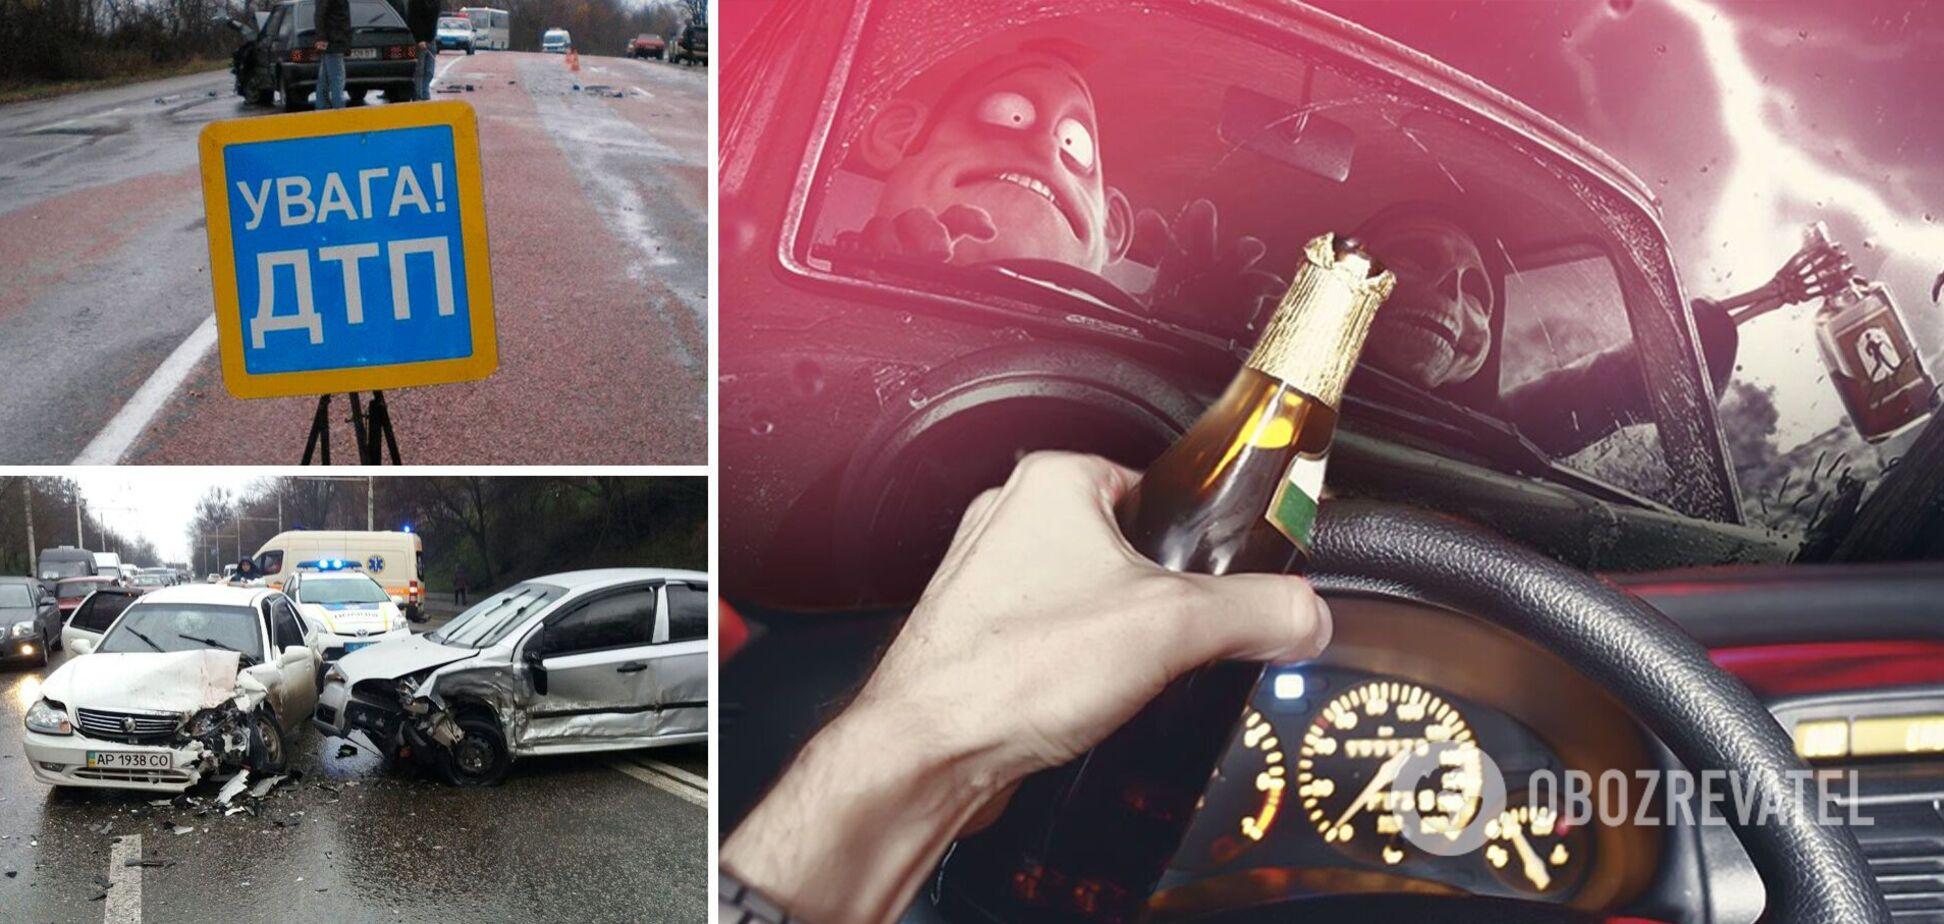 Выпившими за руль садятся как простые люди, так и правоохранители